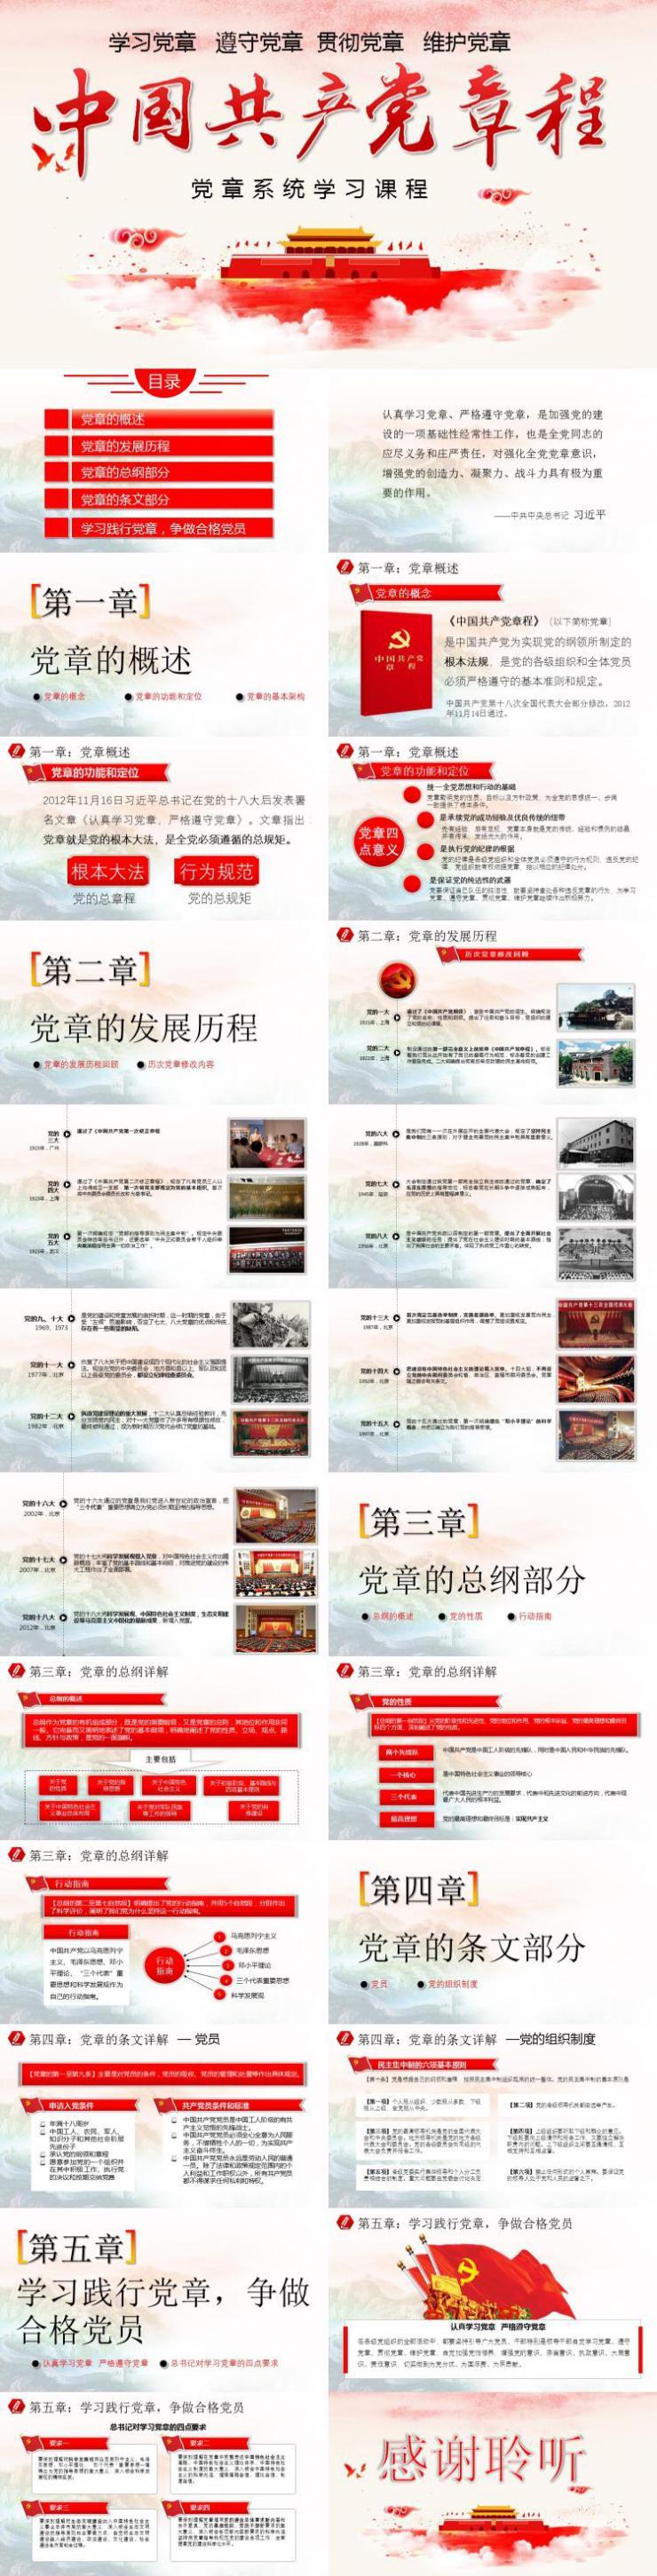 中国共产党章程PPT模板下载